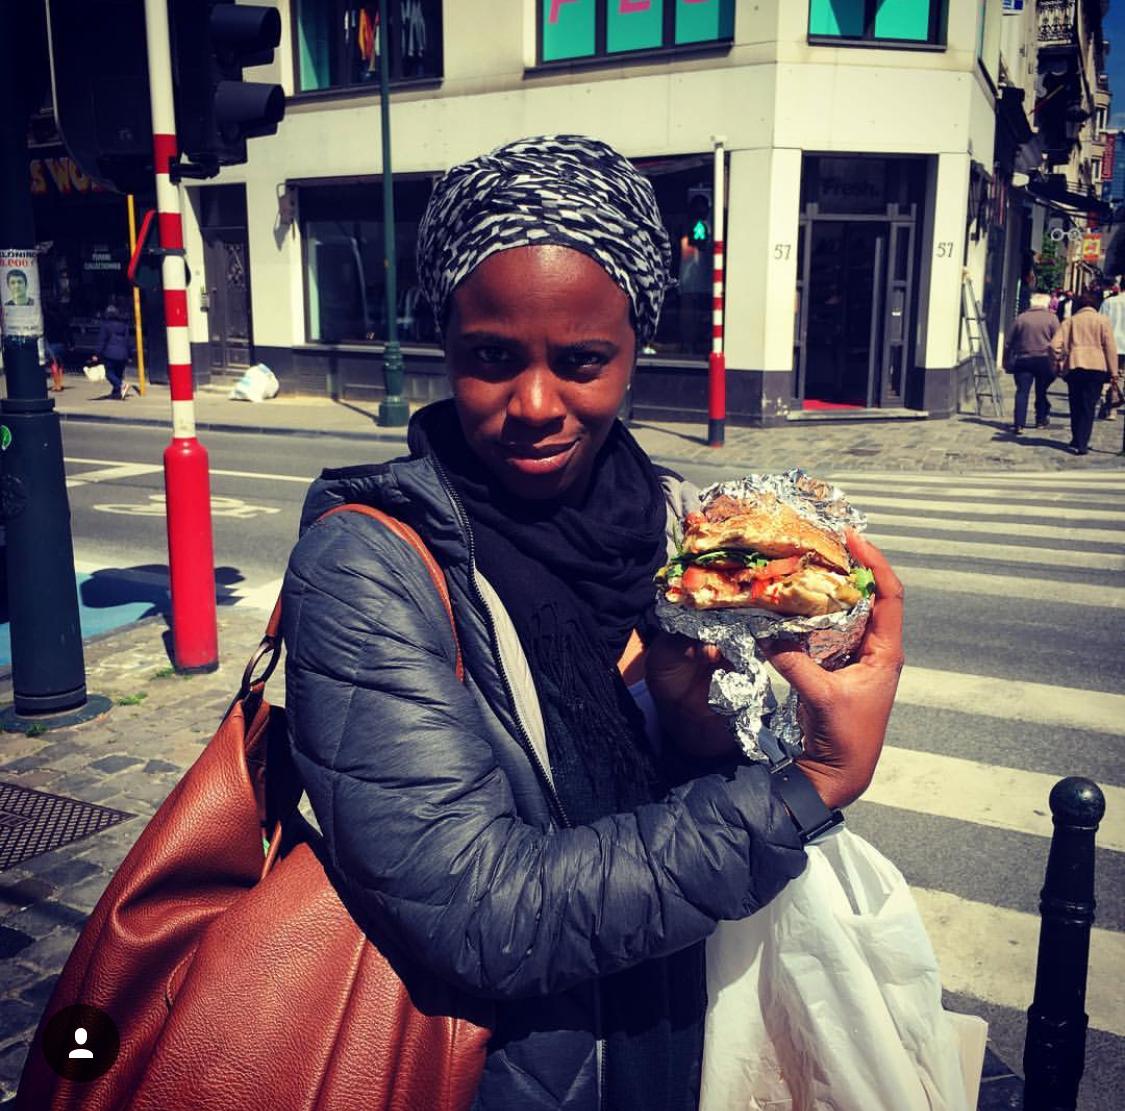 La Bouffe dans la rue - Le meilleur moyen de découvrir de bonnes adresses de street food, c'est de demander aux passants !